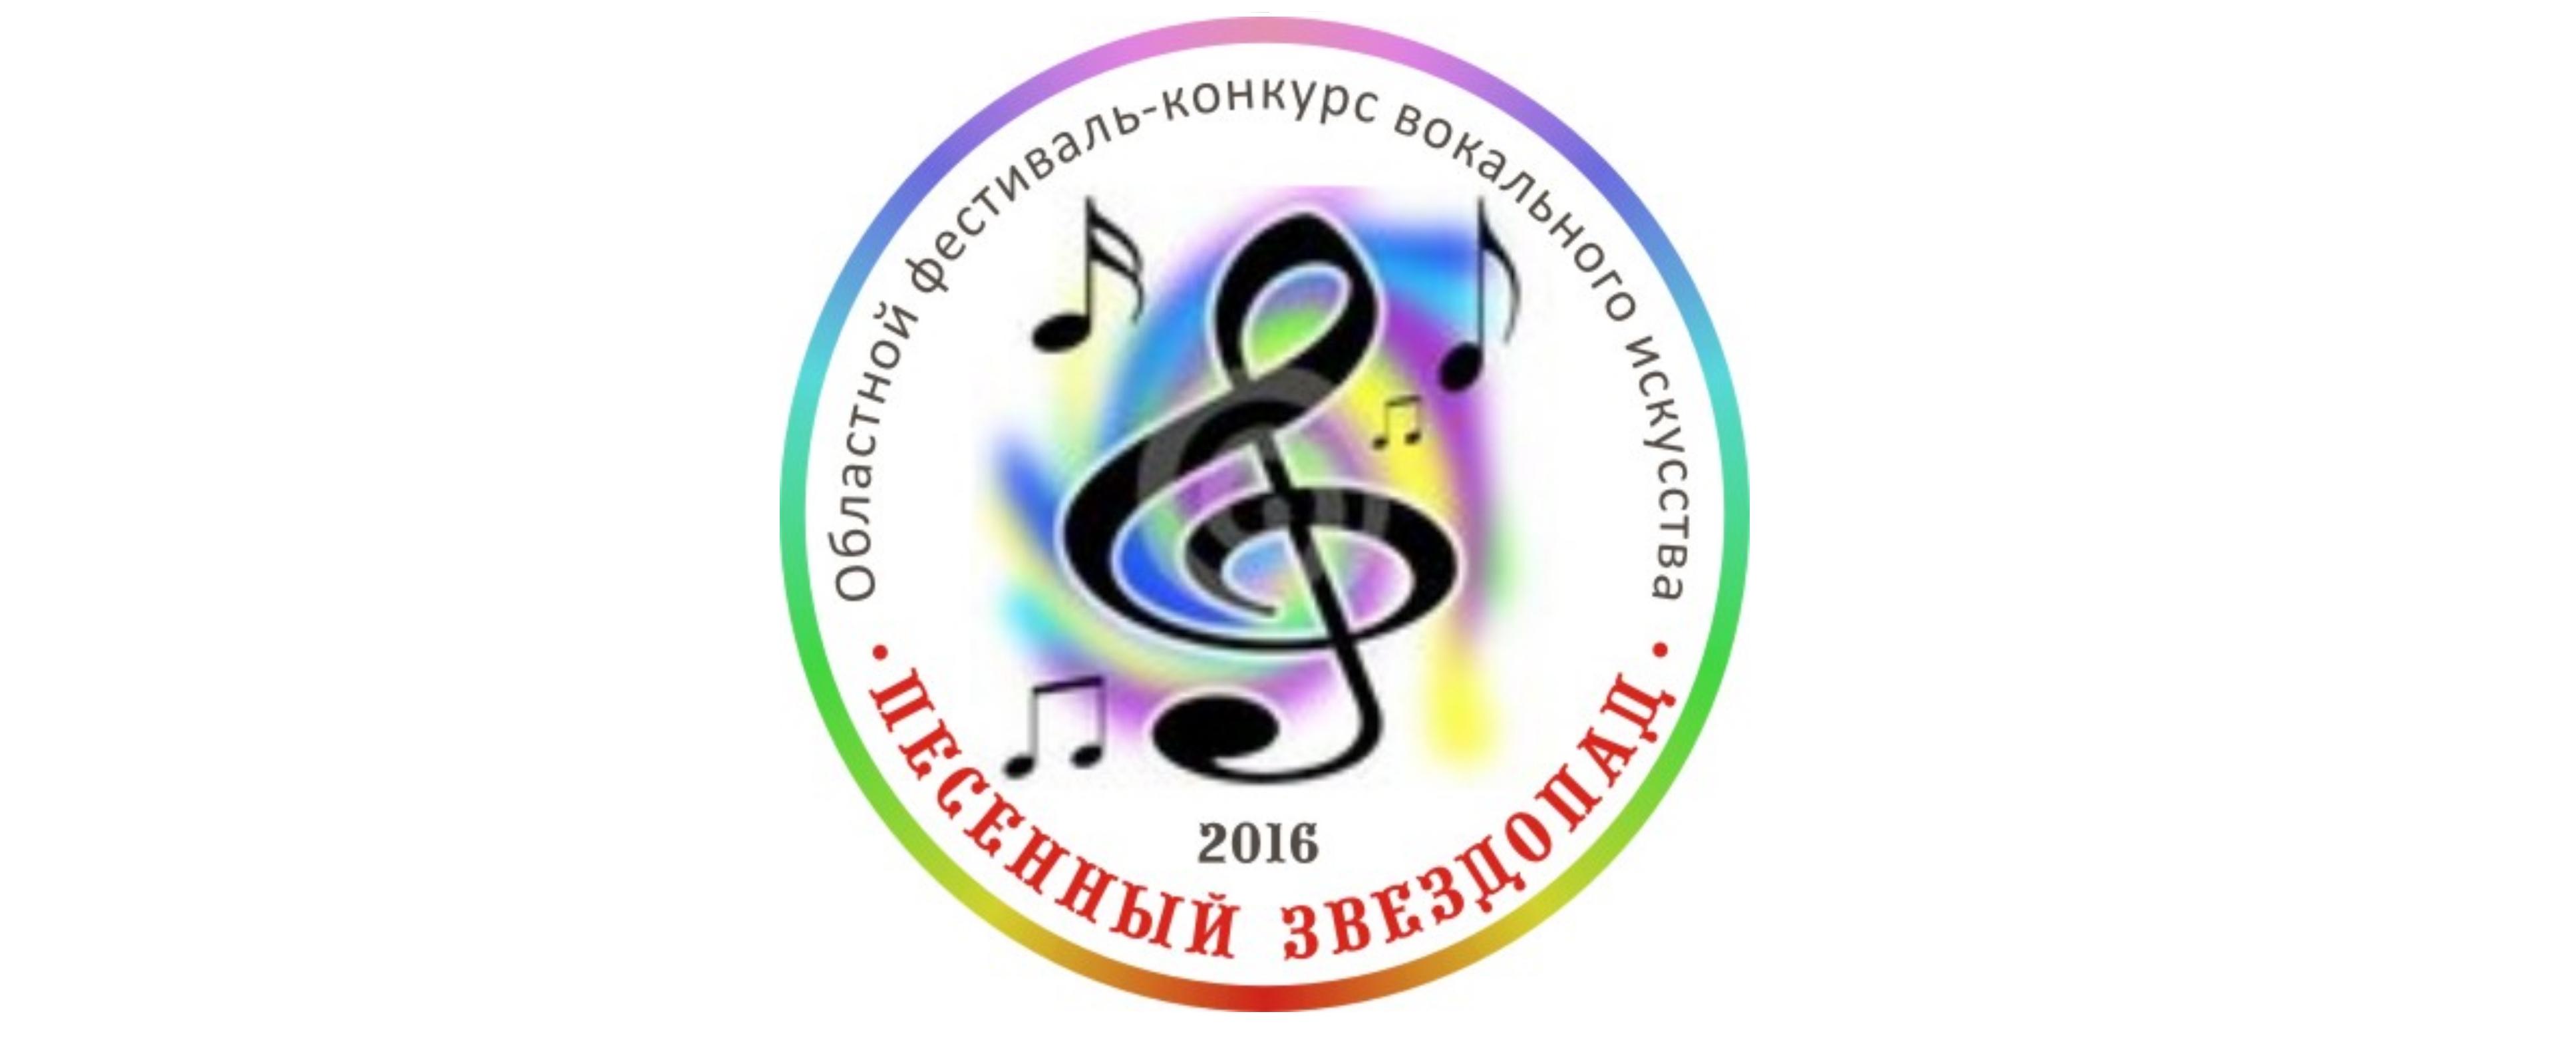 Областной фестиваль-конкурс вокального искусства  «ПЕСЕННЫЙ ЗВЕЗДОПАД»